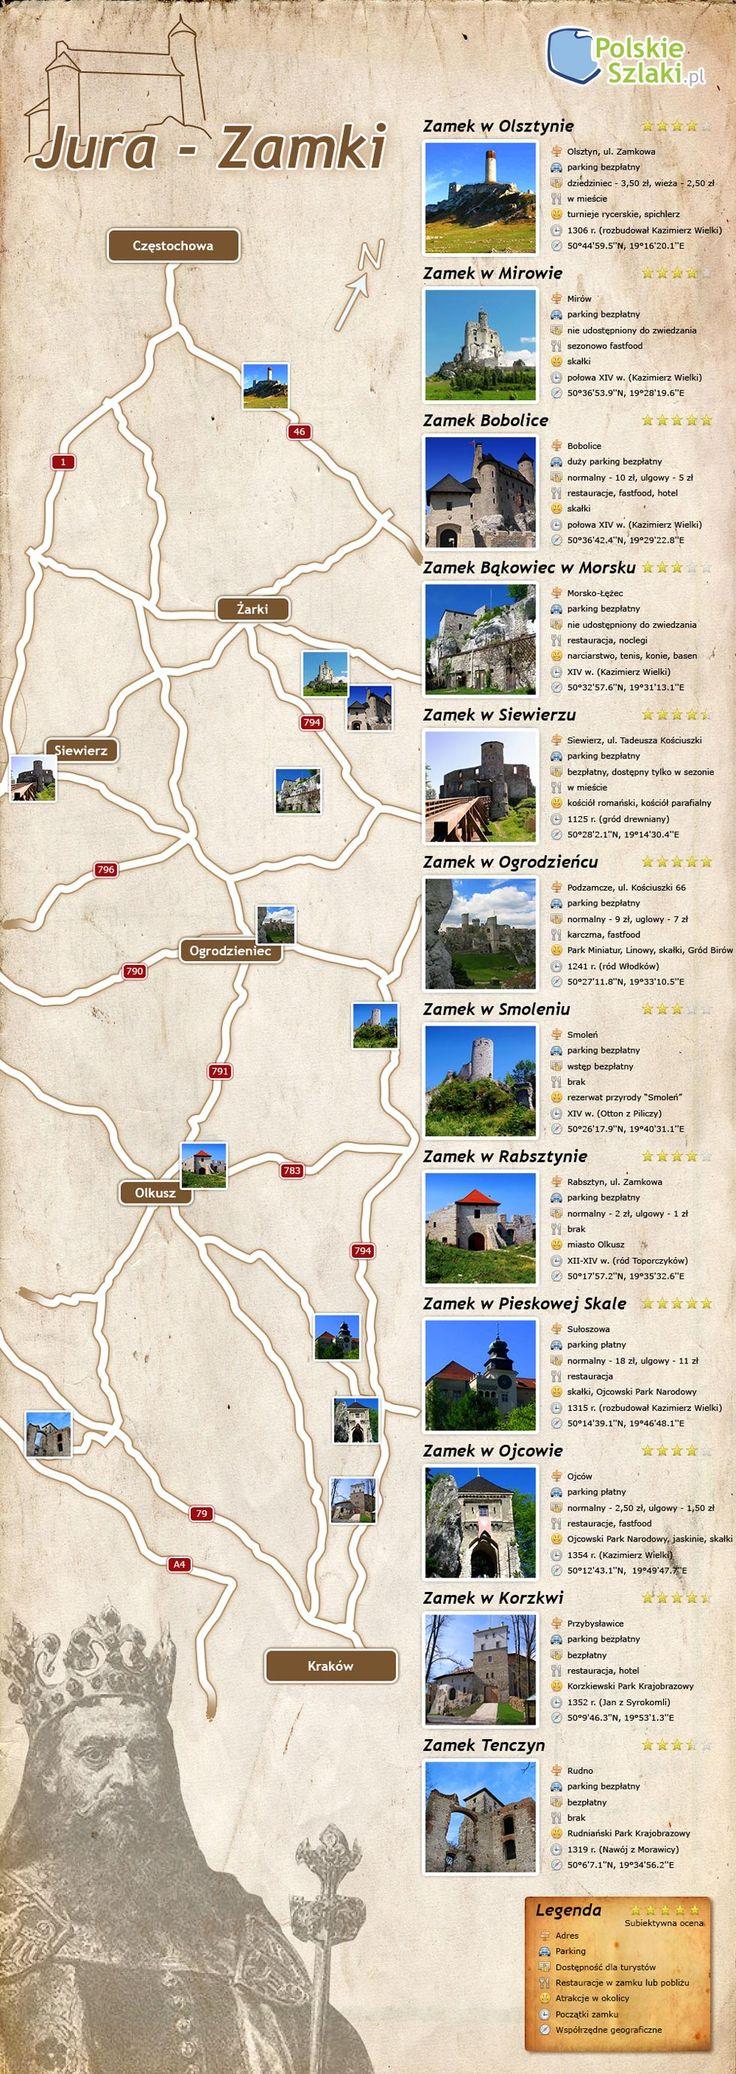 Infografika Jura - Zamki